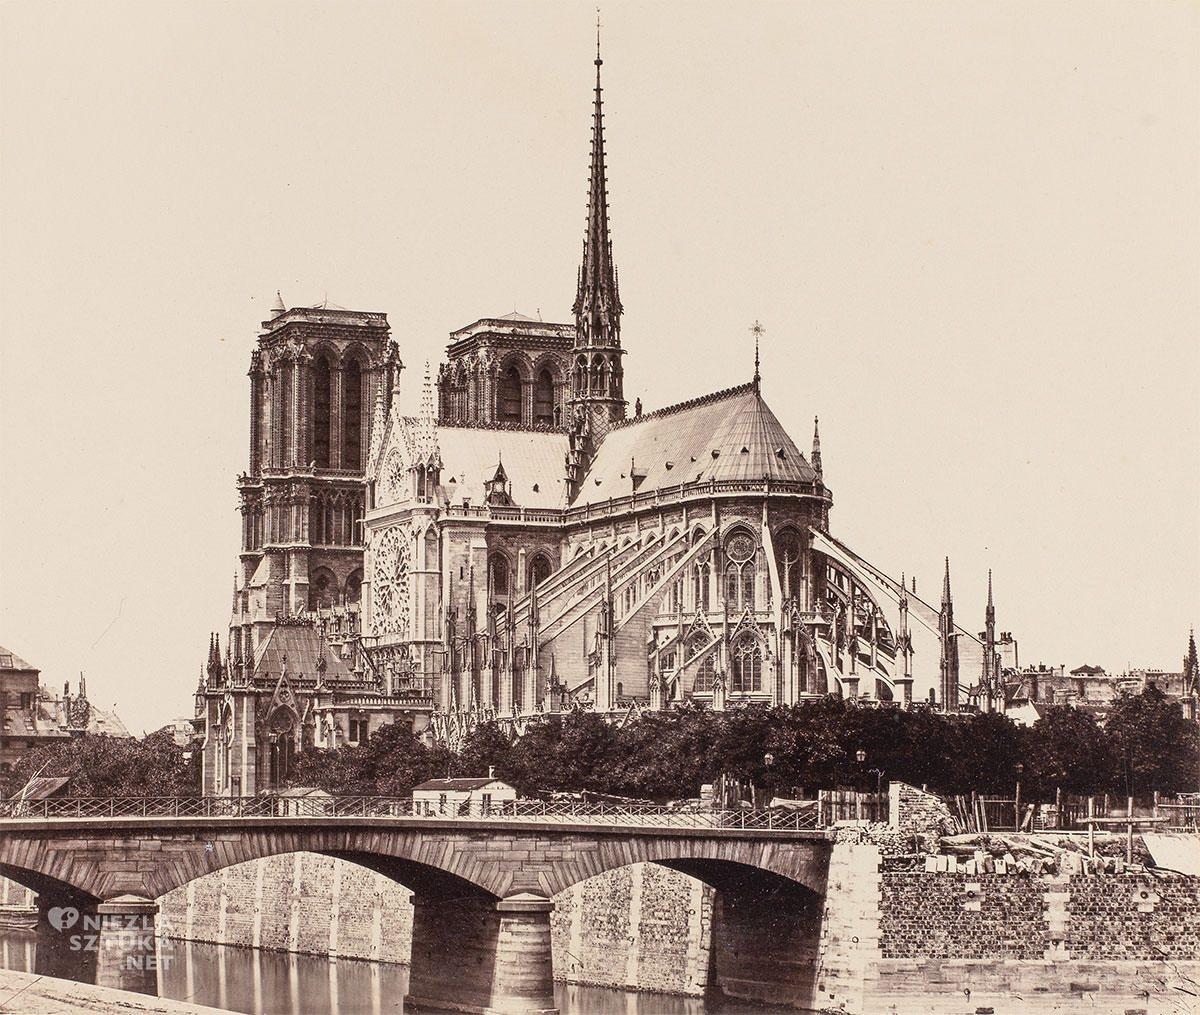 Édouard Baldus, fotografia, Katedra Notre Dame, Paryż, Niezła Sztuka